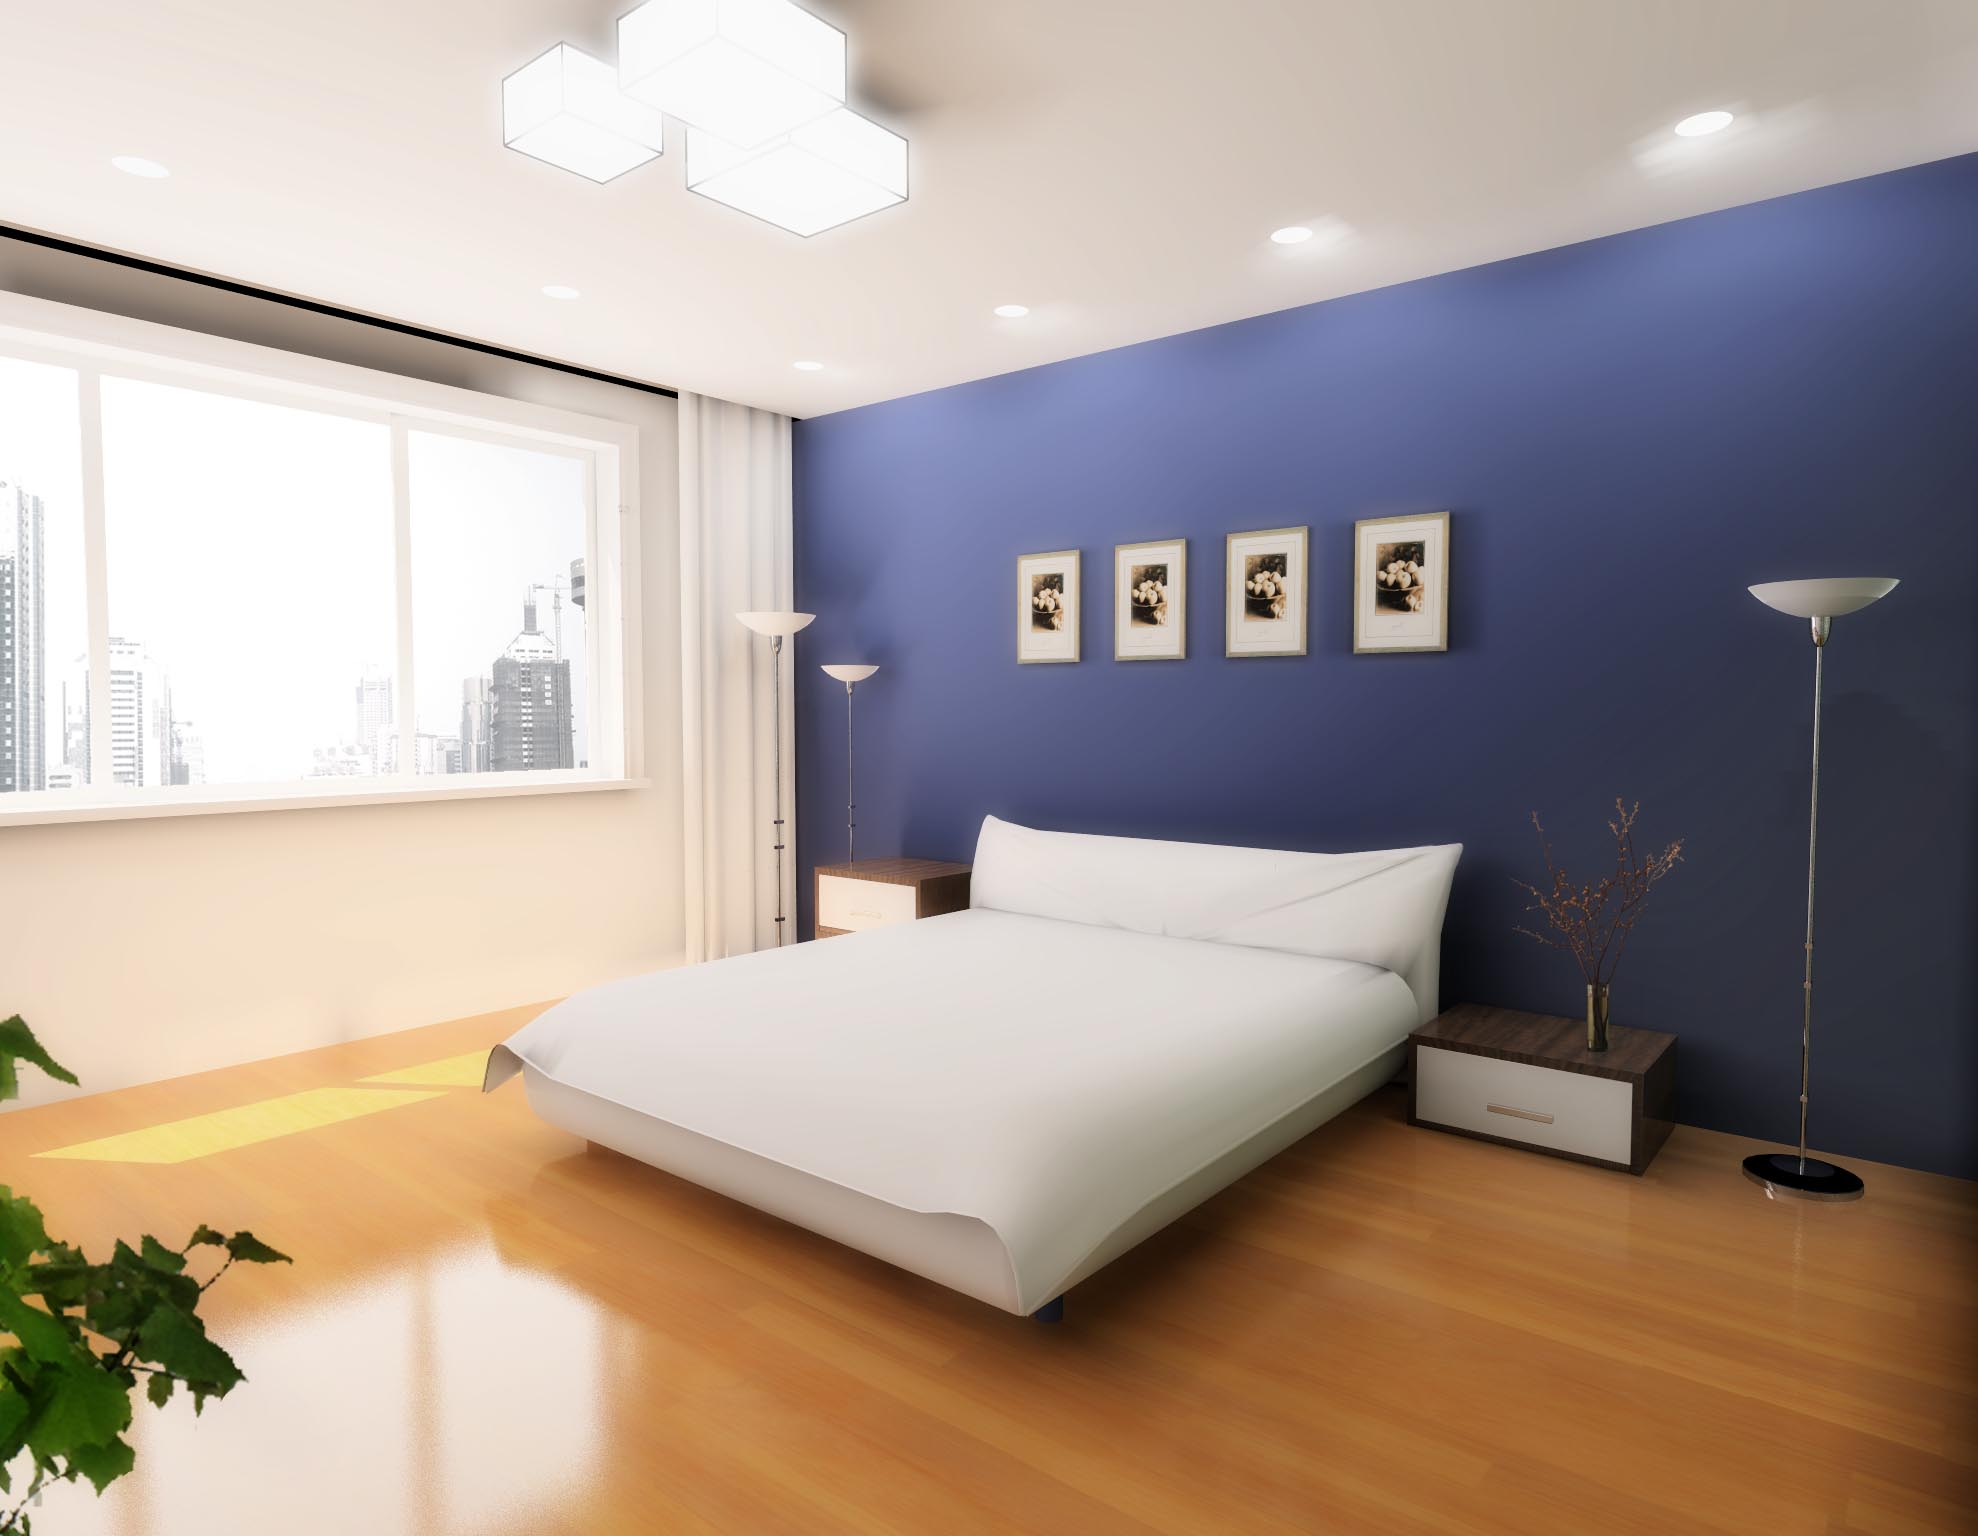 背景墙 房间 家居 起居室 设计 卧室 卧室装修 现代 装修 1978_1536